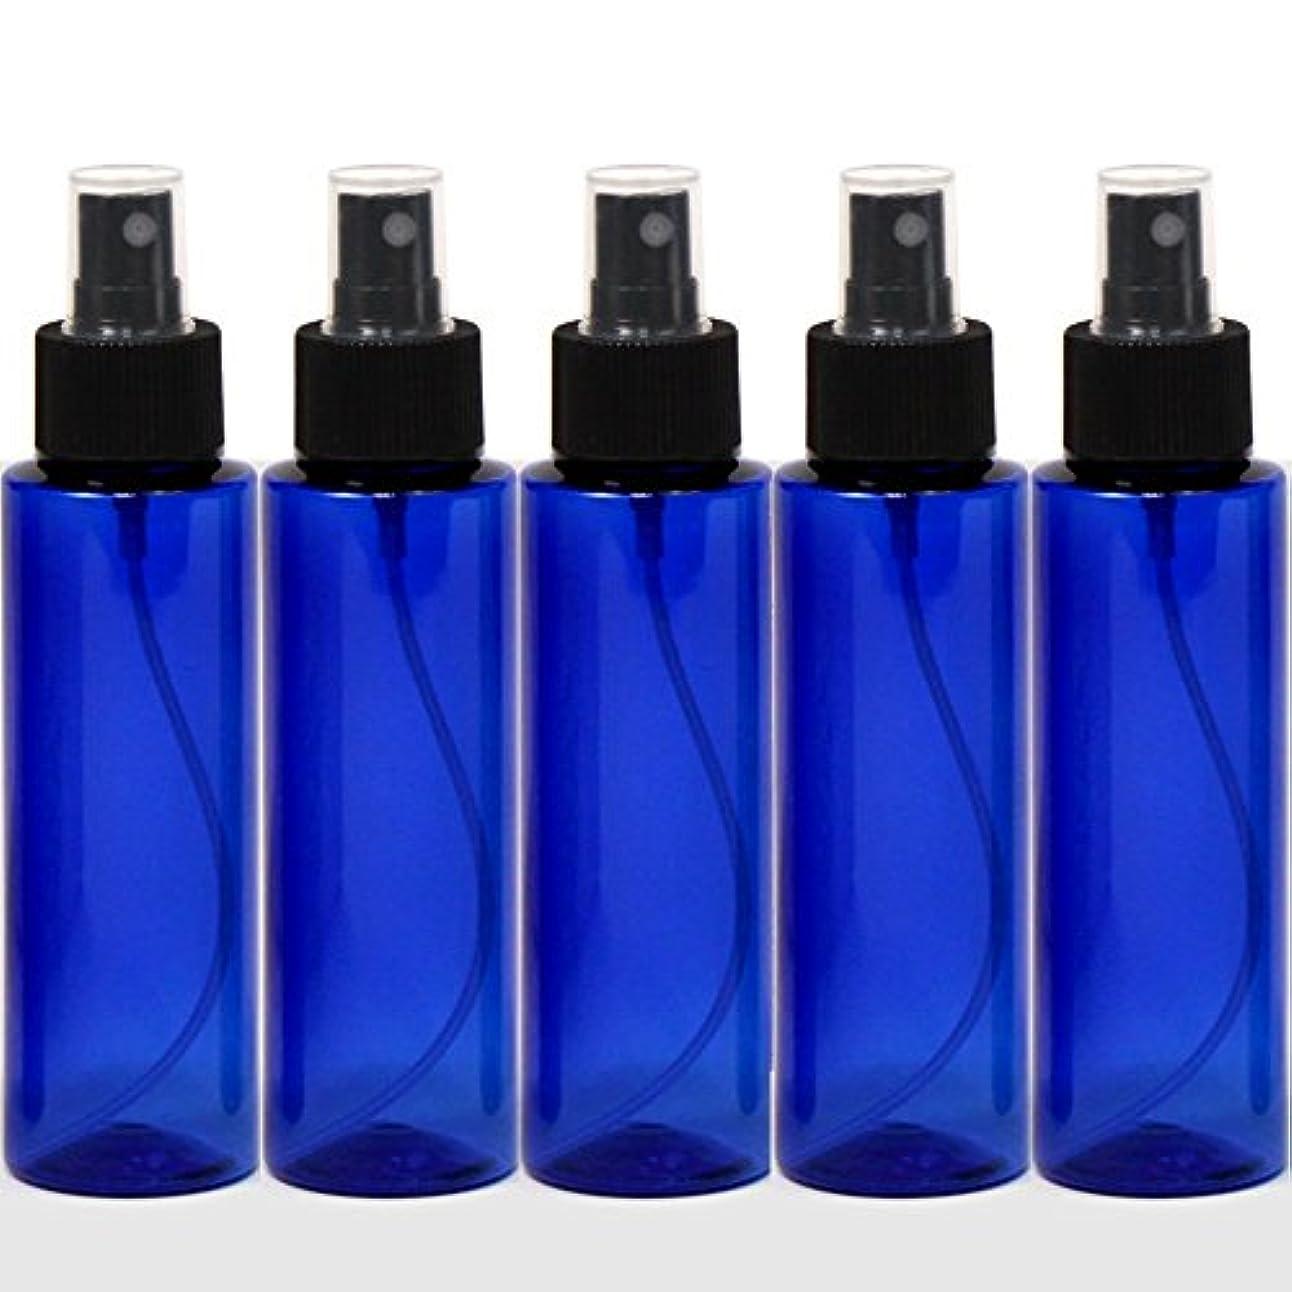 ドレインバレーボールトラップスプレーボトル50mLブルー黒ヘッド5本ストレートペットボトル遮光性青色おしゃれ容器bu50sbk5